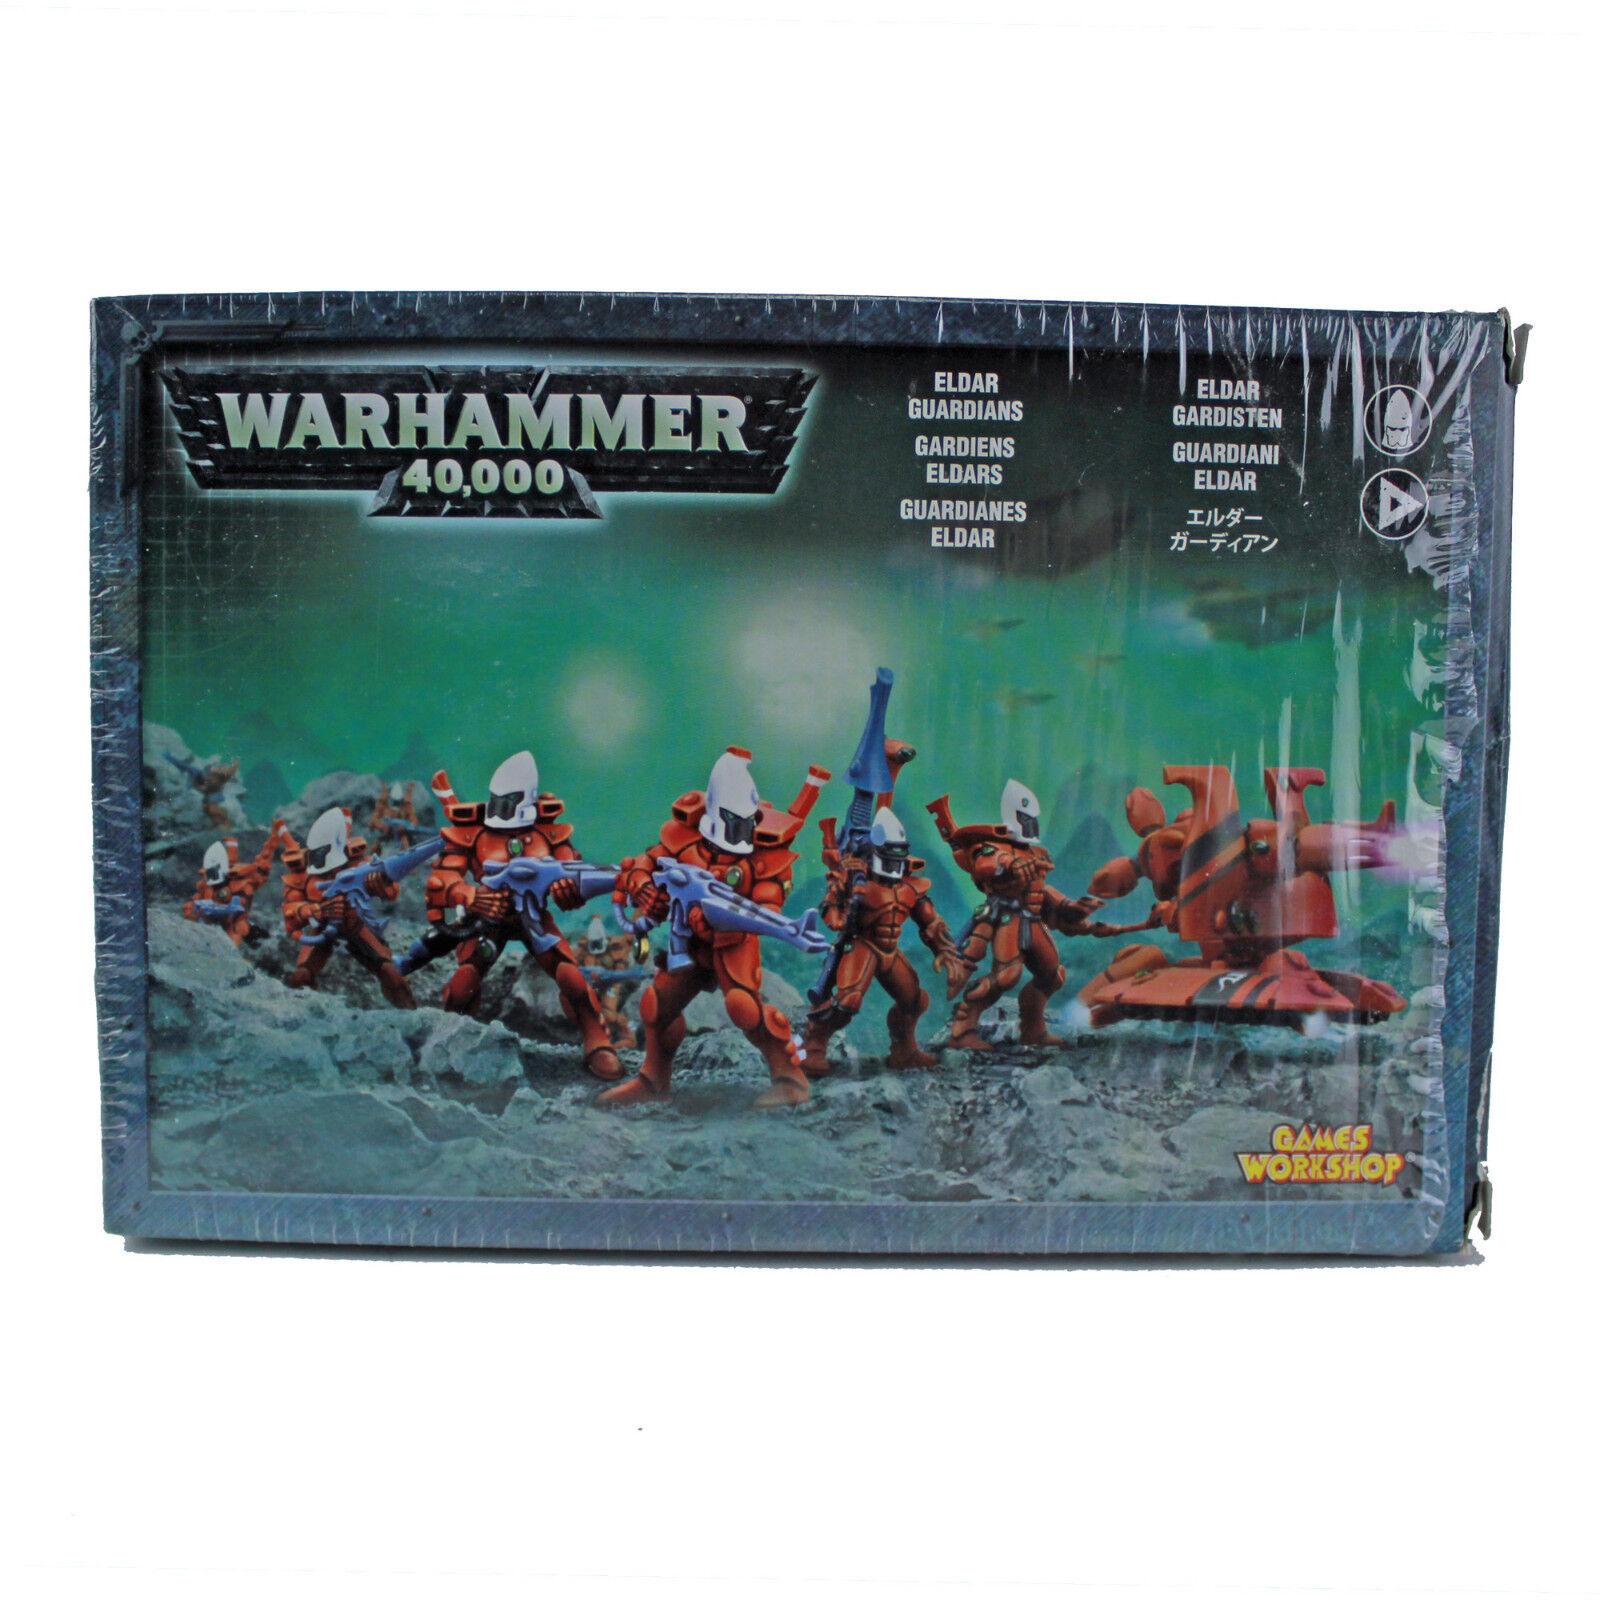 Warhammer 40.000eldar wächterx + 1 hwpnie gemalt.40offener kasten